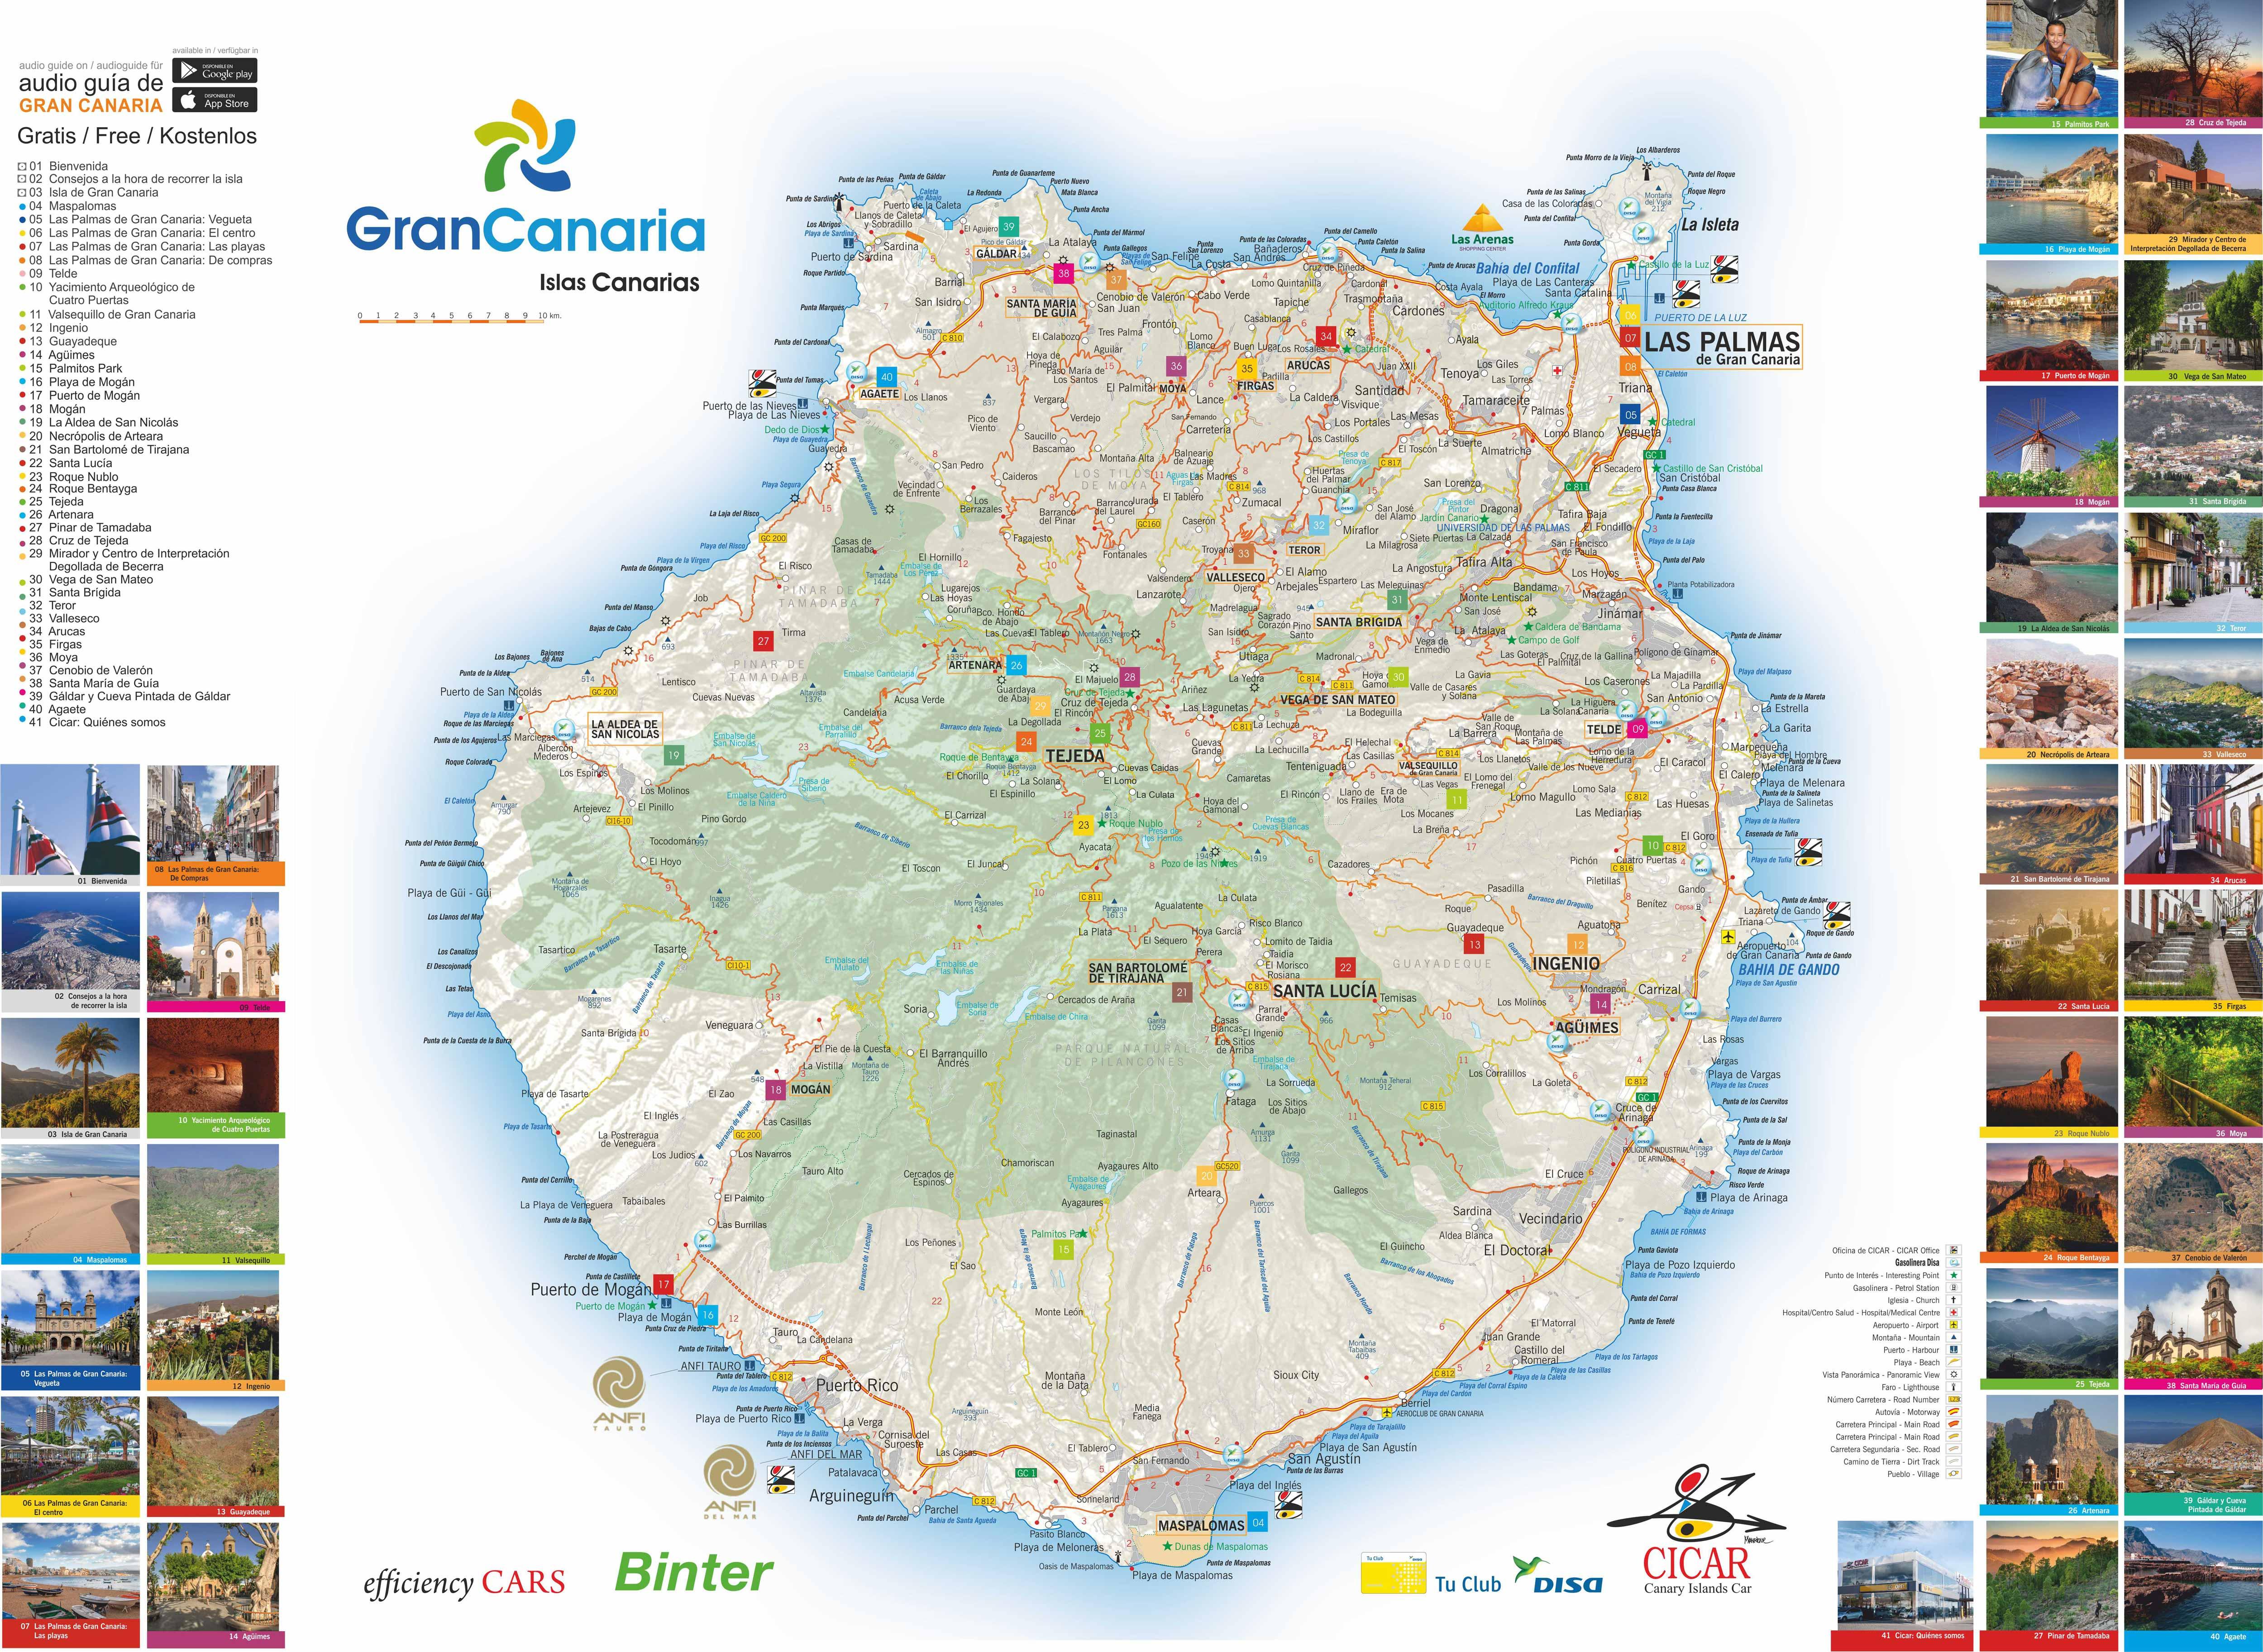 Aeroporto Gran Canaria : Autonoleggio gran canaria noleggio auto